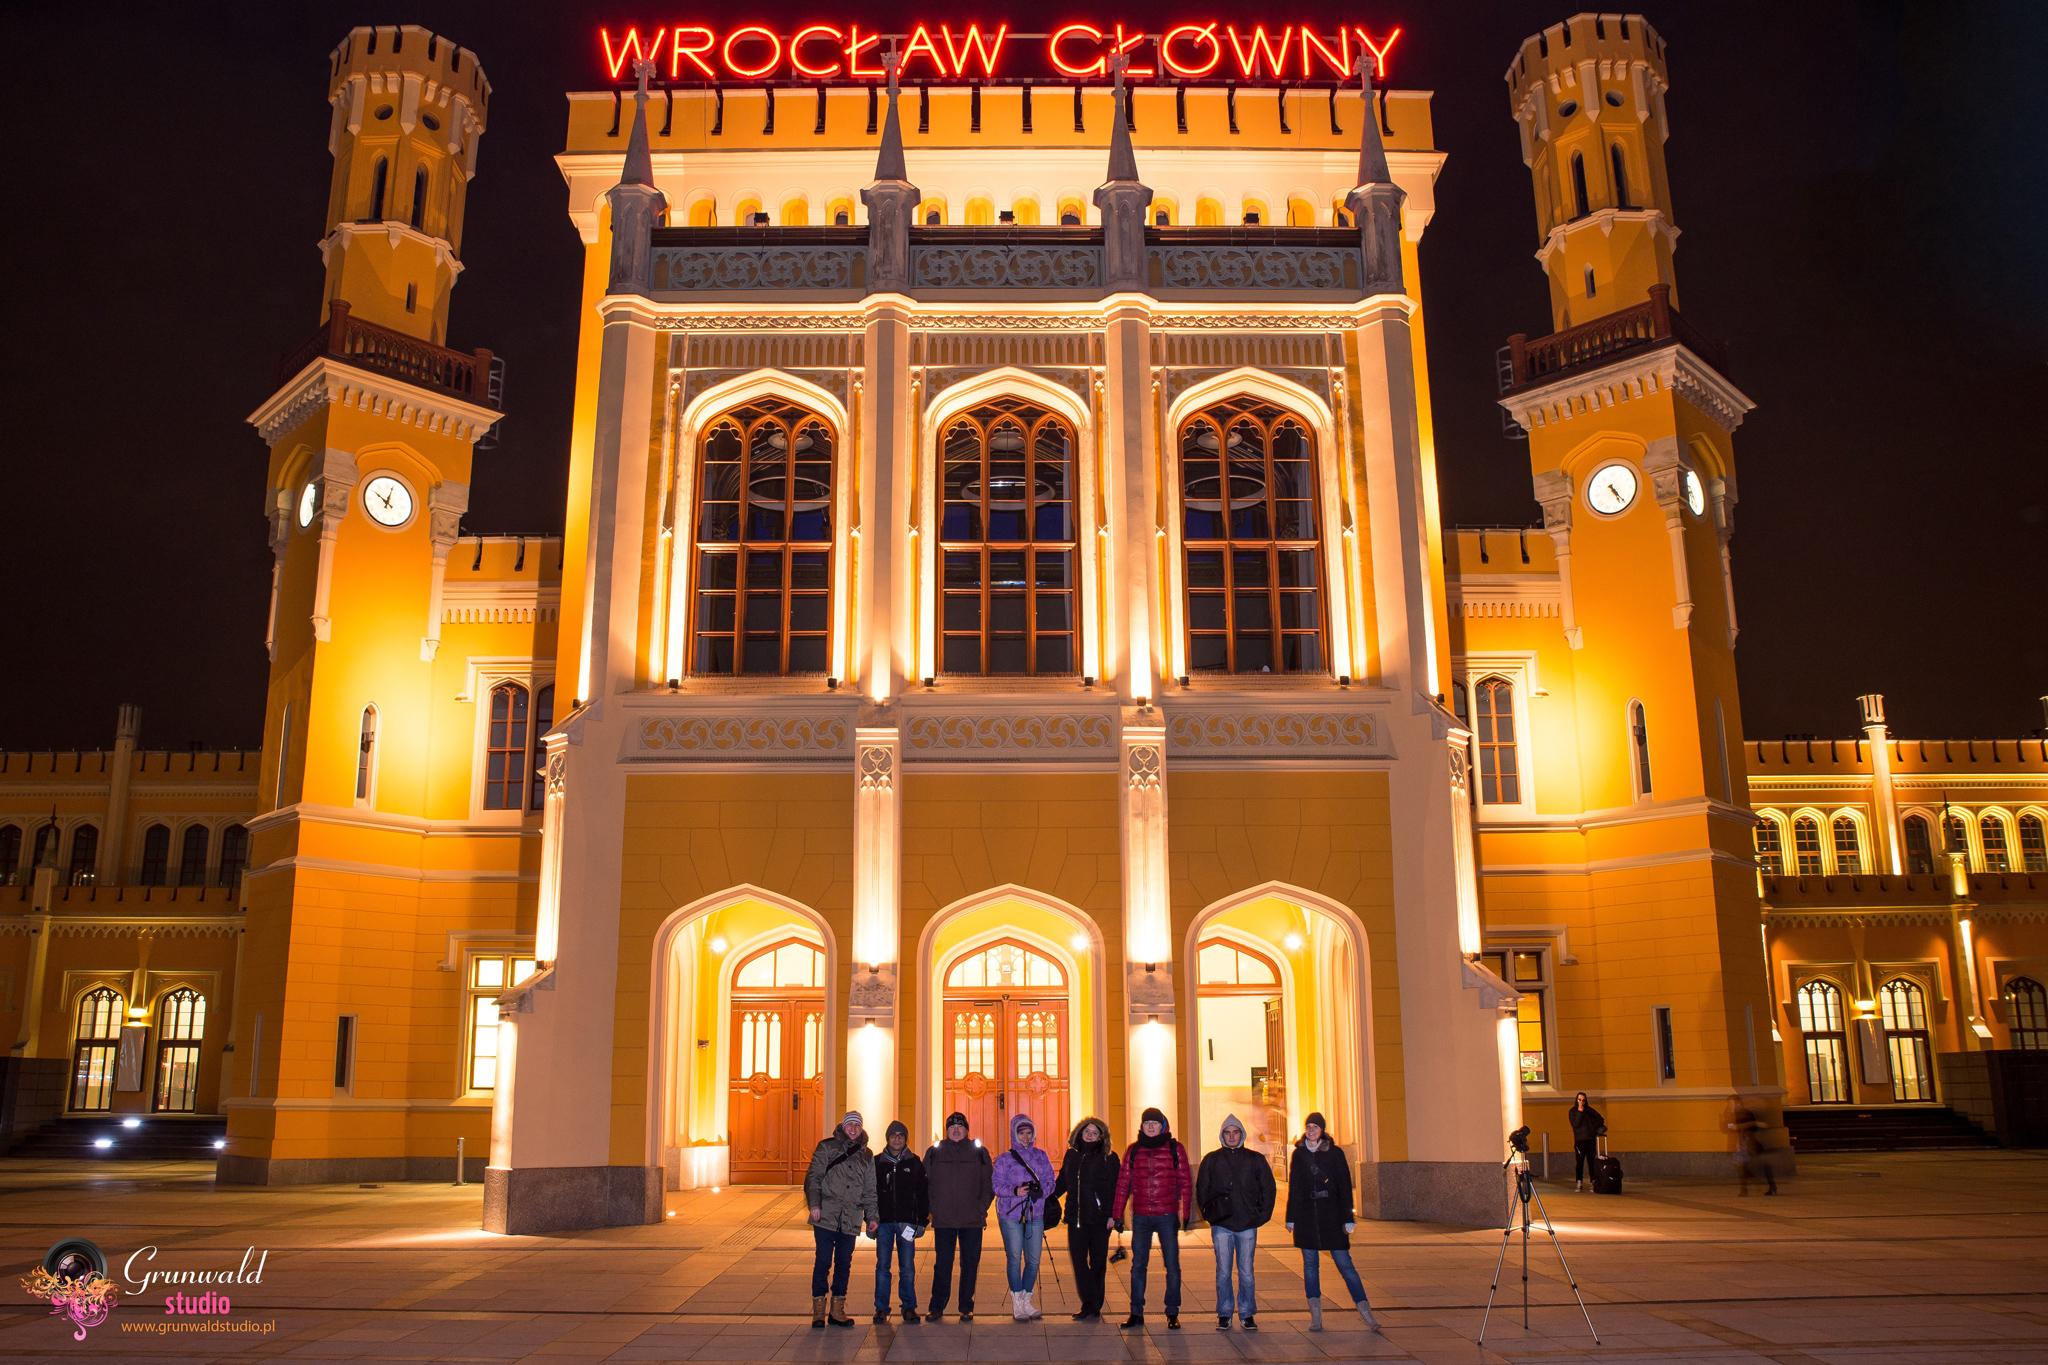 Kurs Fotograficzny Wrocław z Grunwald Studio Grudzień 1